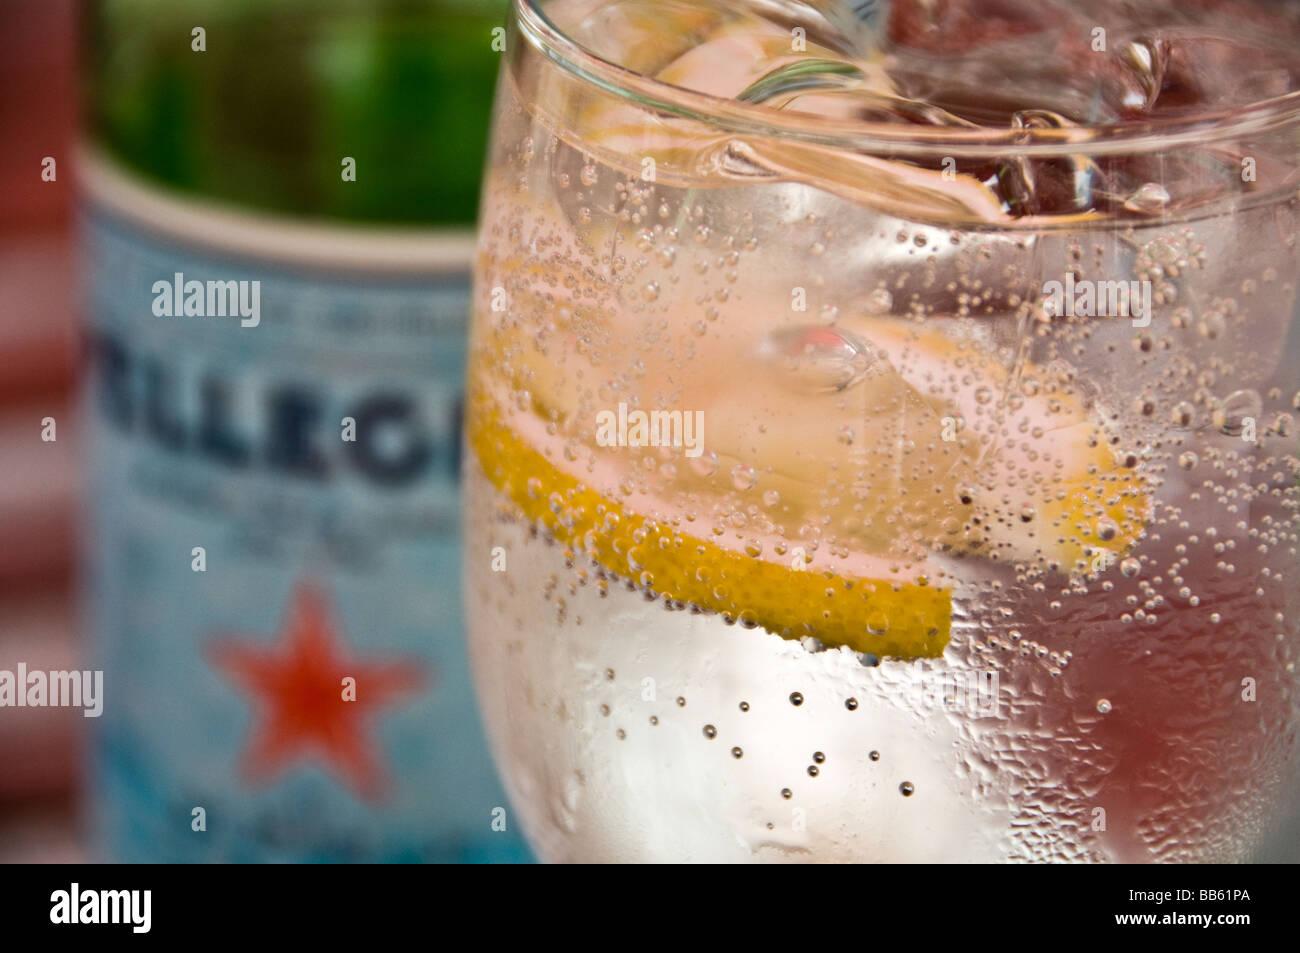 Mineralwasser in ein Glas mit Eis und Zitrone Stockbild